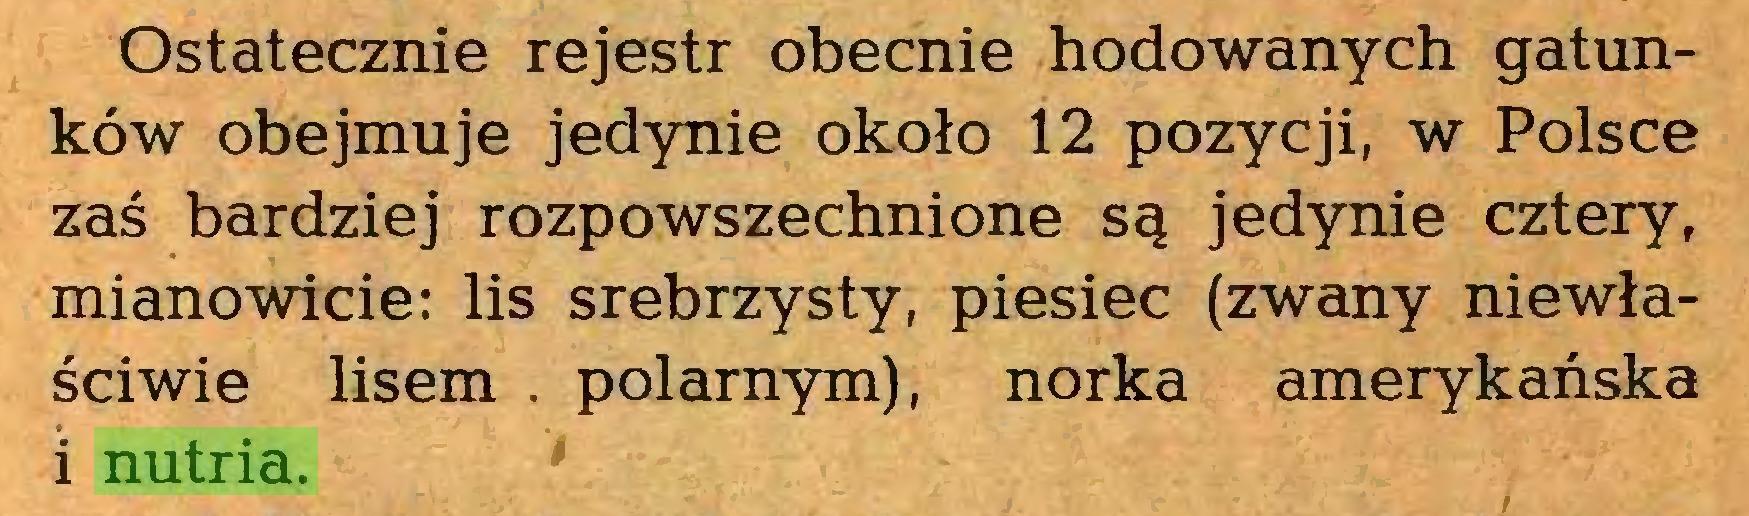 (...) Ostatecznie rejestr obecnie hodowanych gatunków obejmuje jedynie około 12 pozycji, w Polsce zaś bardziej rozpowszechnione są jedynie cztery, mianowicie: lis srebrzysty, piesiec (zwany niewłaściwie lisem . polarnym), norka amerykańska i nutria...